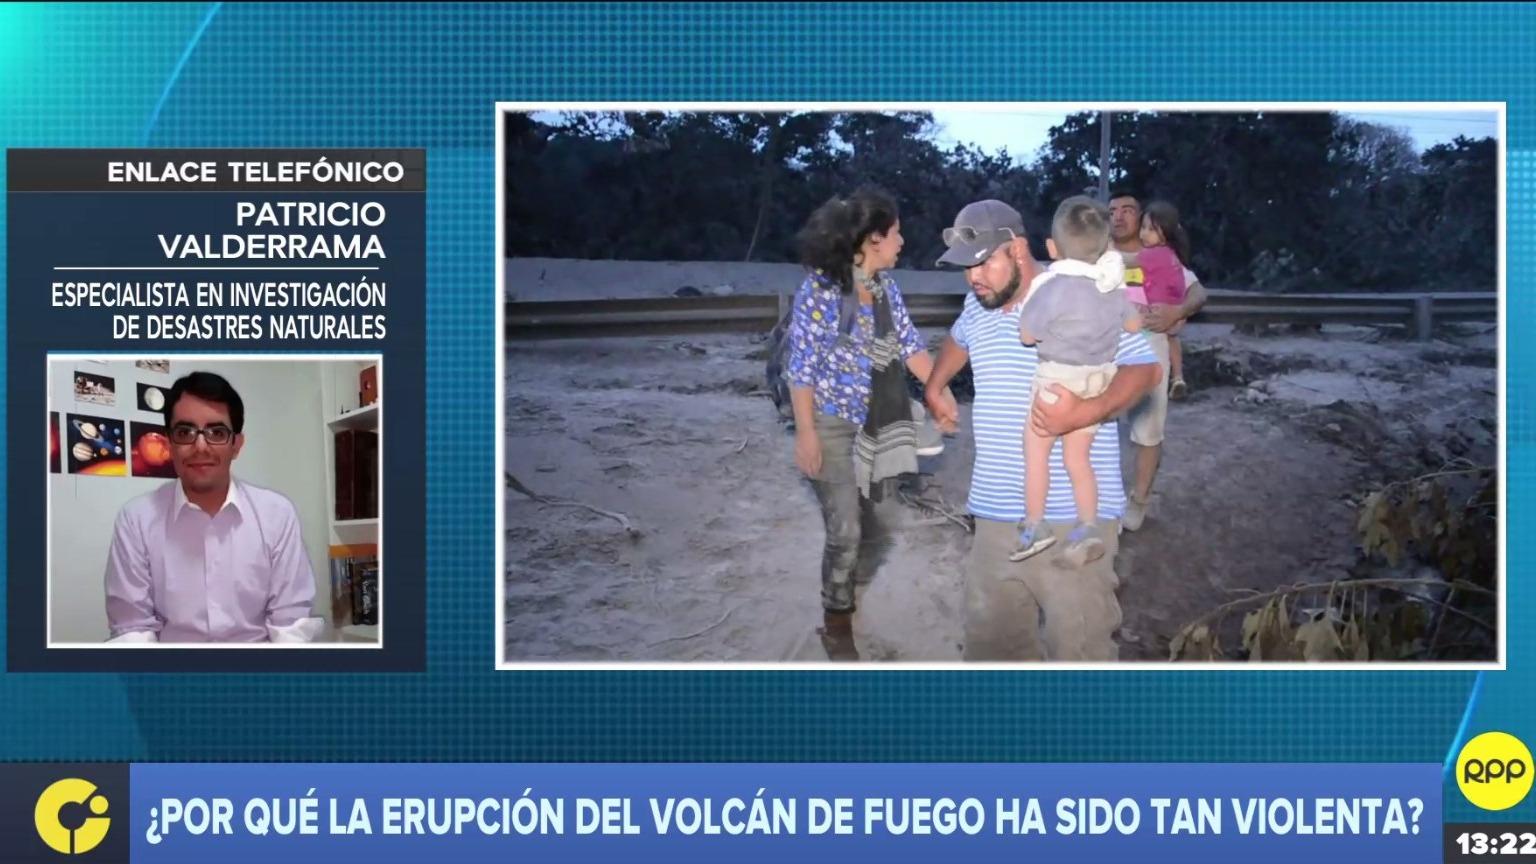 Patricio Valderrama explicó por qué la erupción del volcán de Fuego ha sido tan violenta.